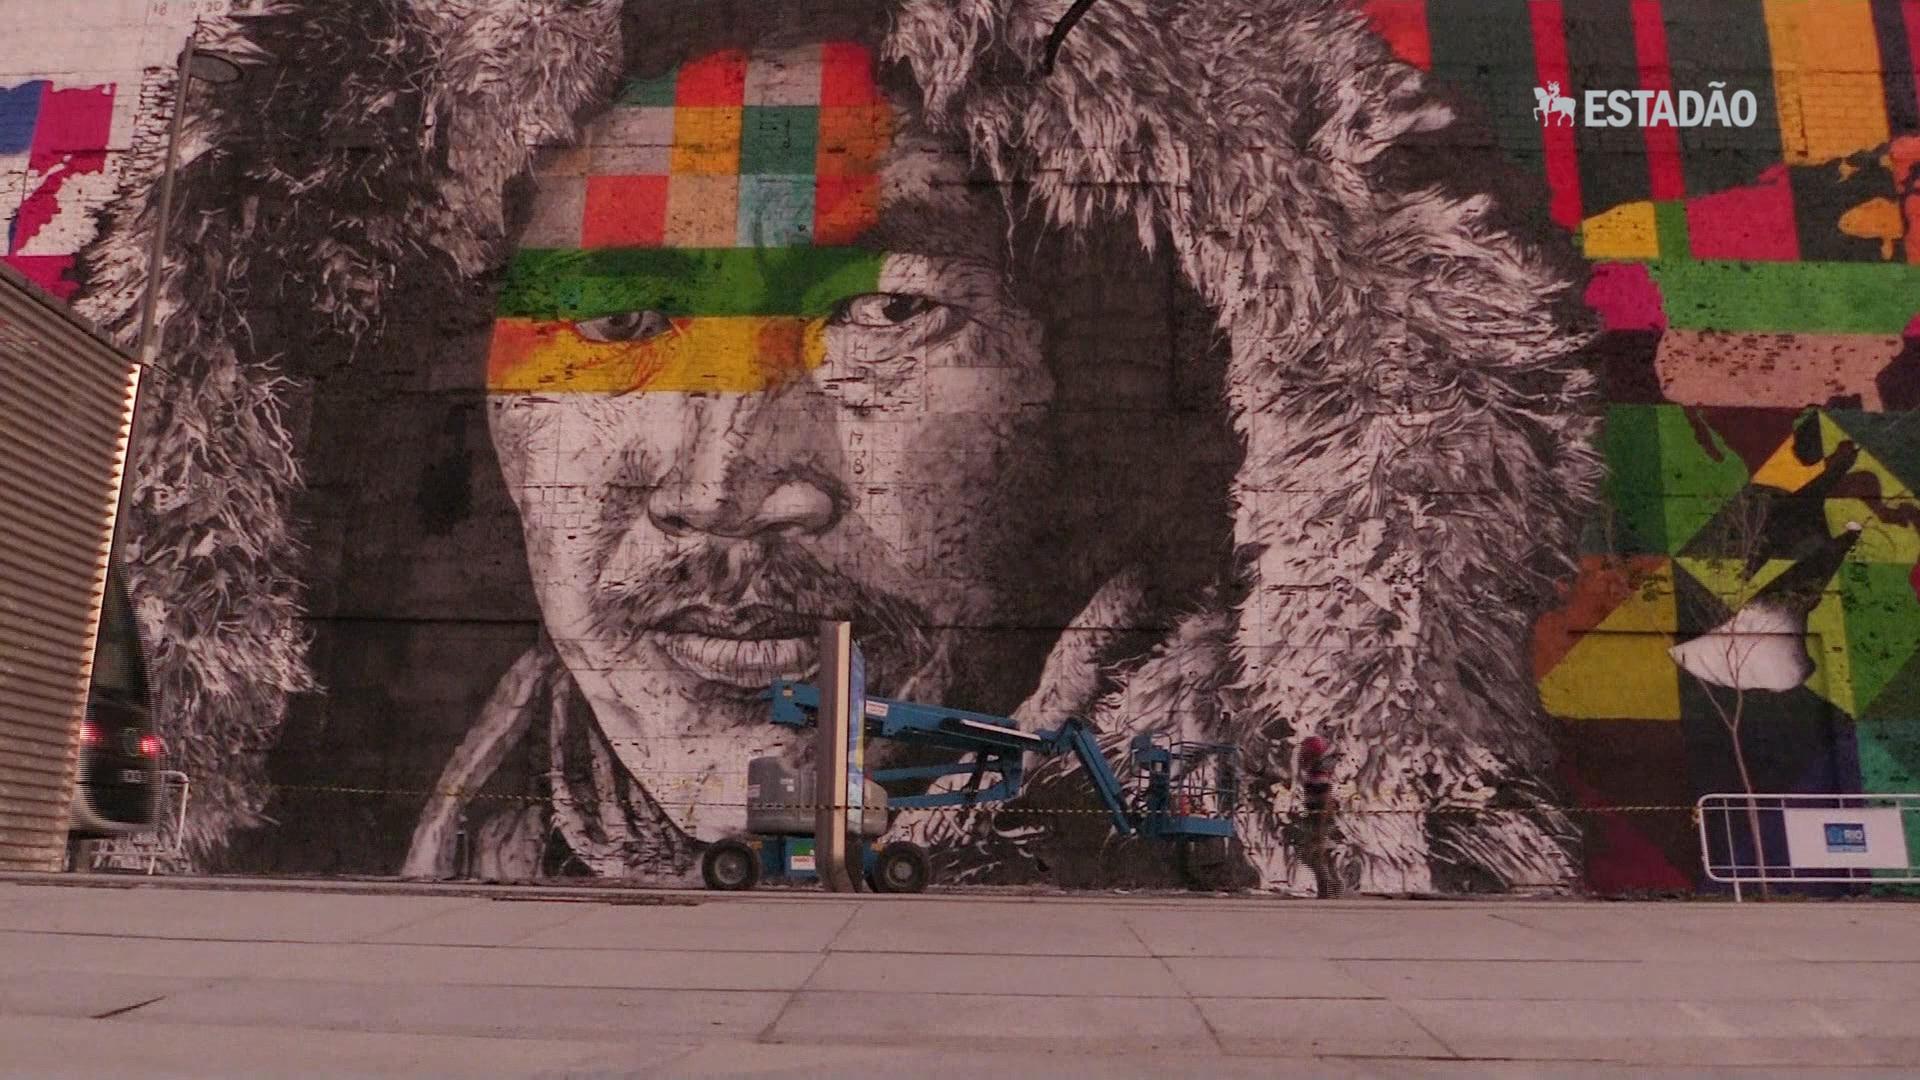 Rio ganha mural pela união dos povos